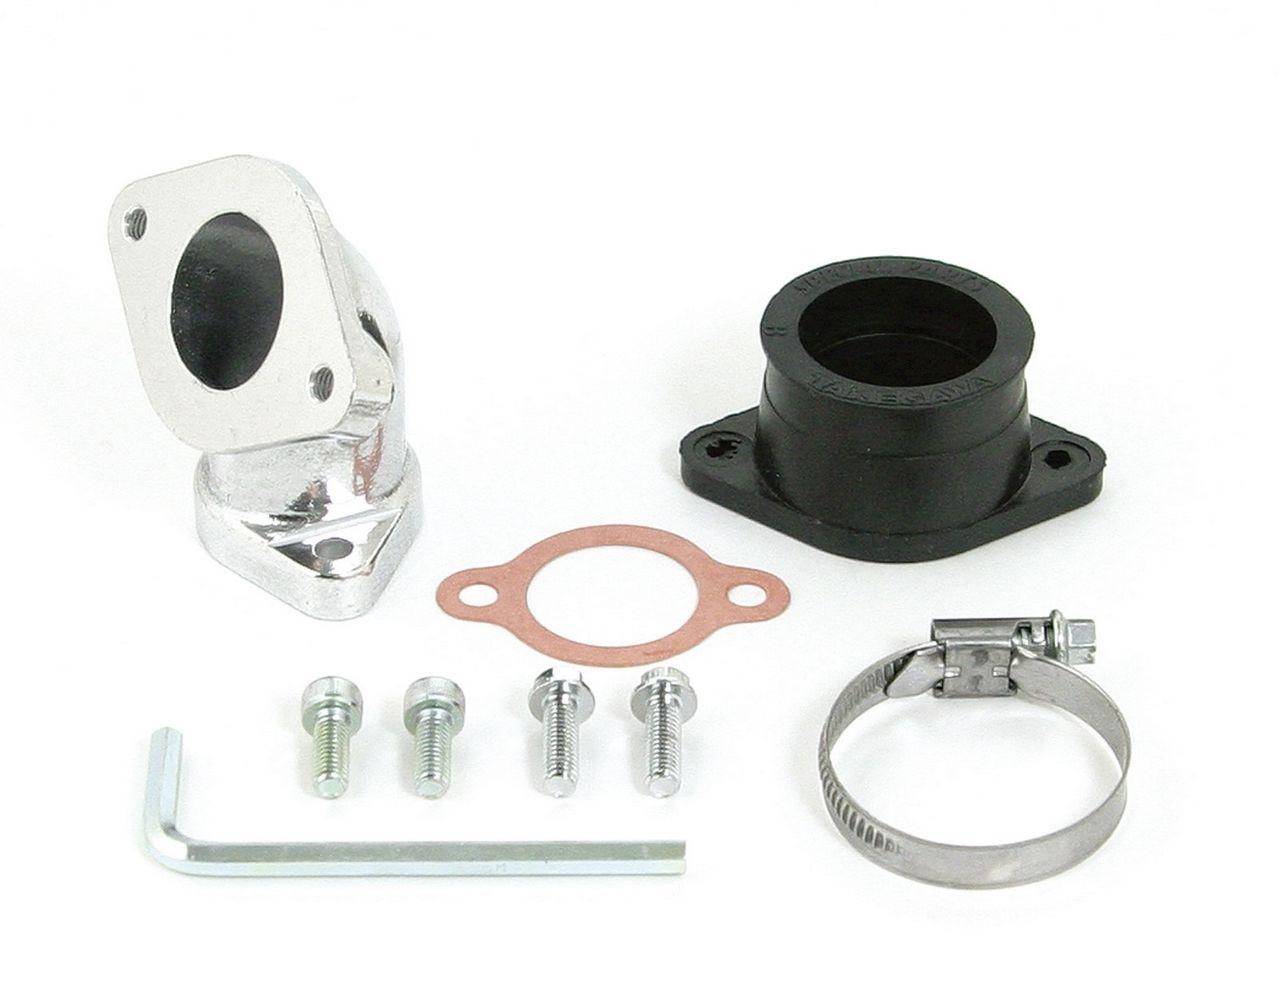 進氣歧管套件(PE28)